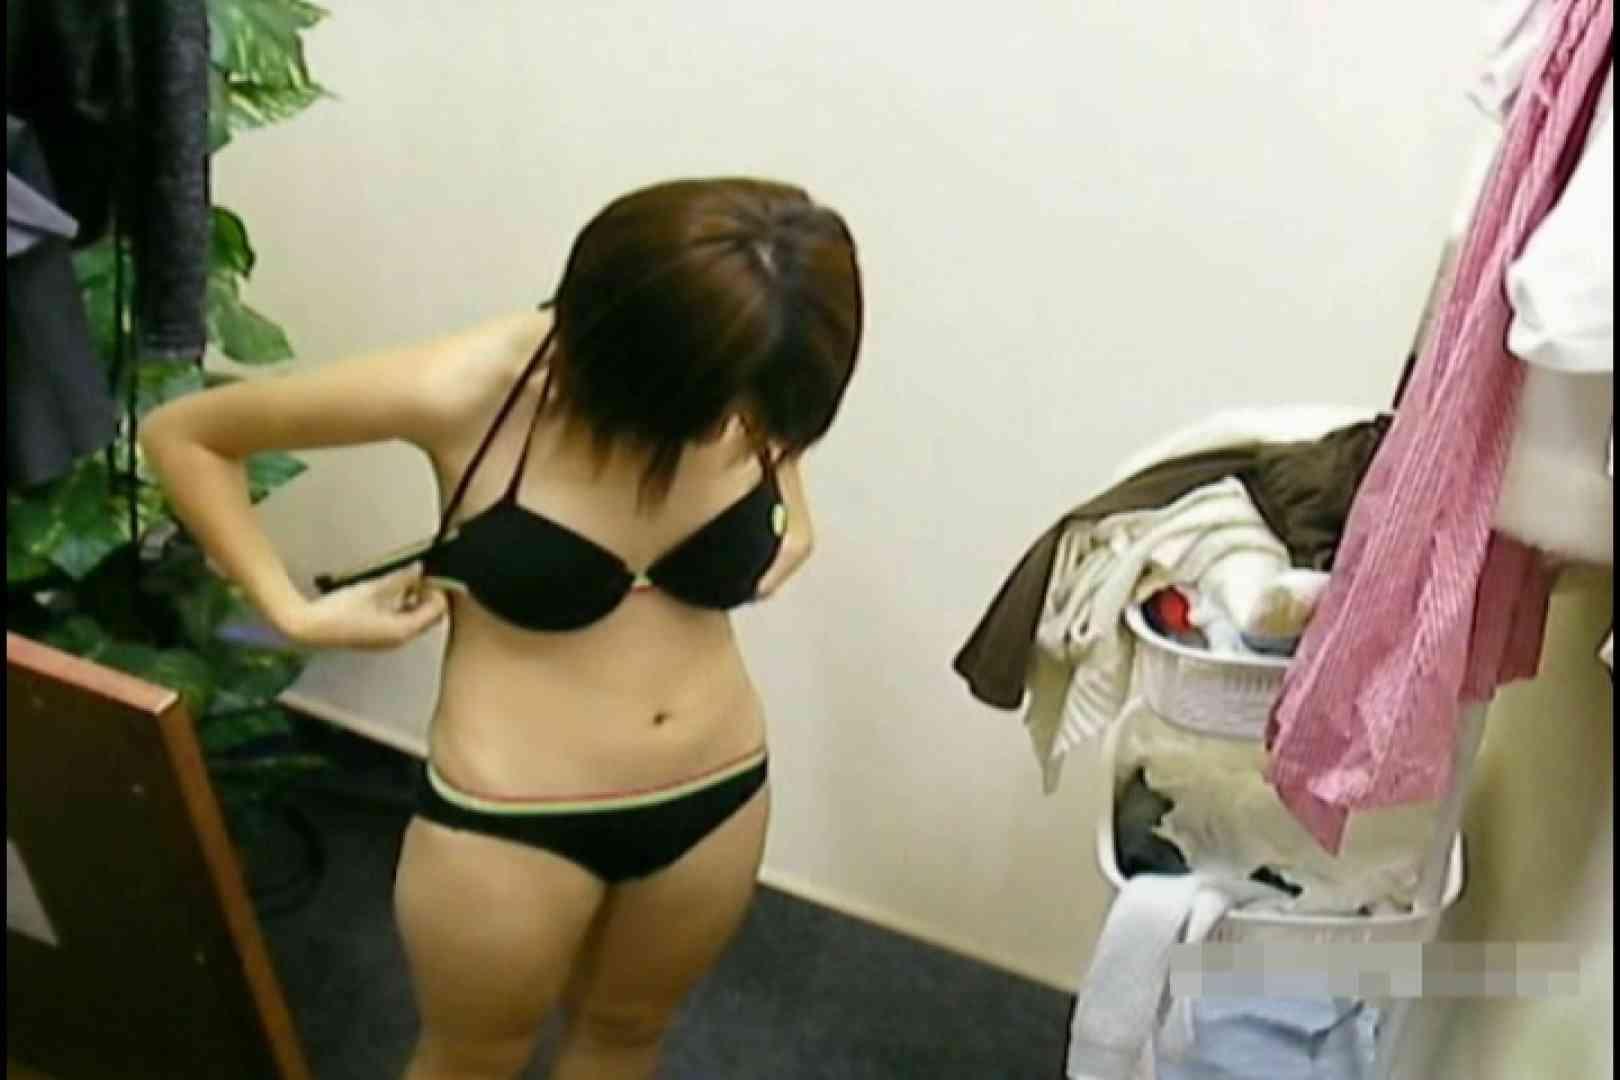 素人撮影 下着だけの撮影のはずが・・・れみ18歳 素人 のぞき動画キャプチャ 111pic 101